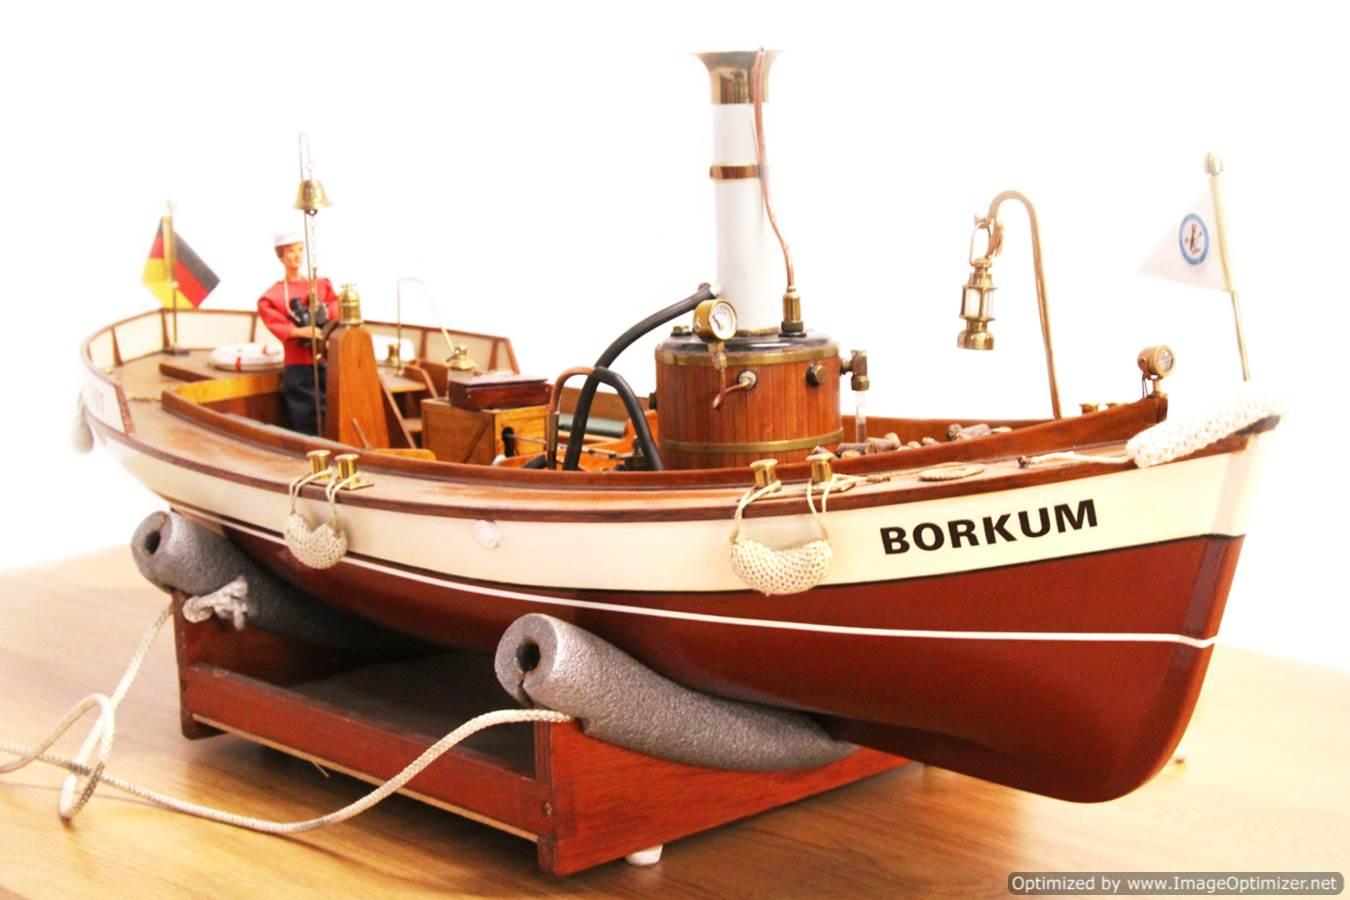 test bockrum-cheddar-steam-boat-live-steam-model-for-sale-04-optimized